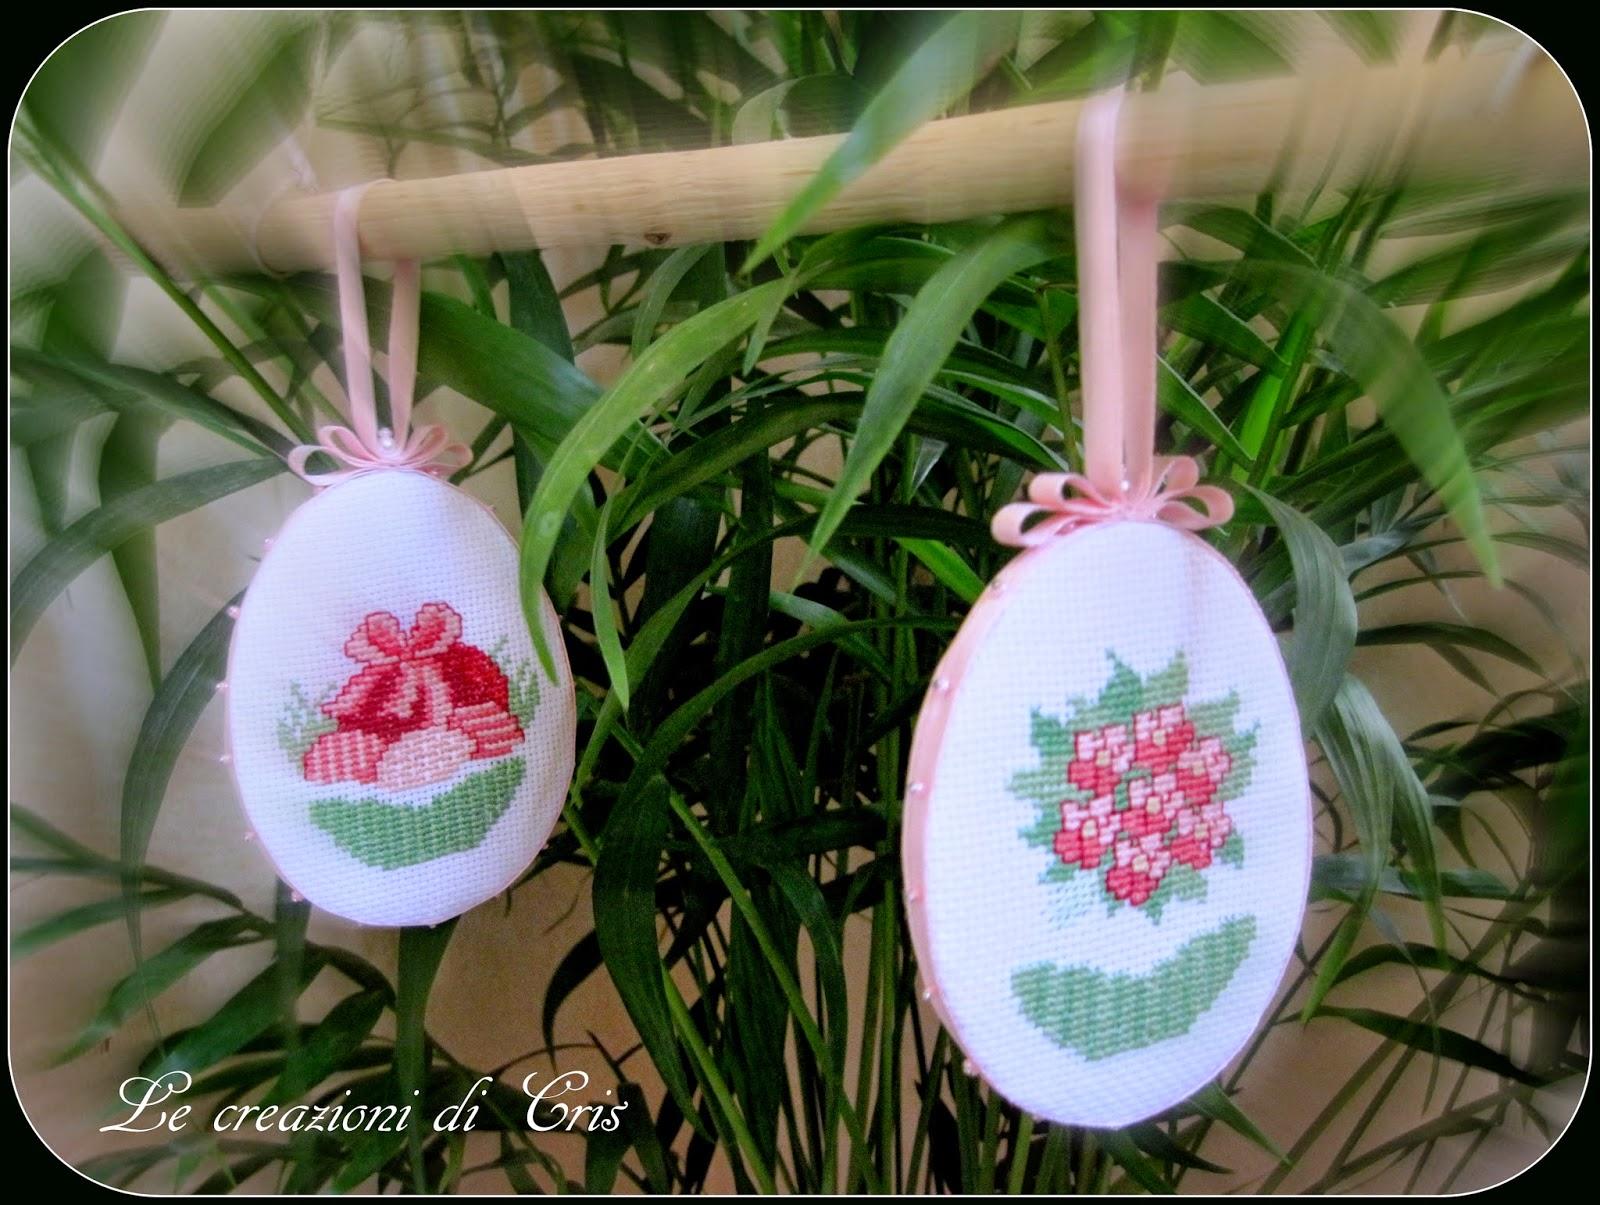 PAP Ovos Decorativos para a Páscoa BordadoPontoCruz 01